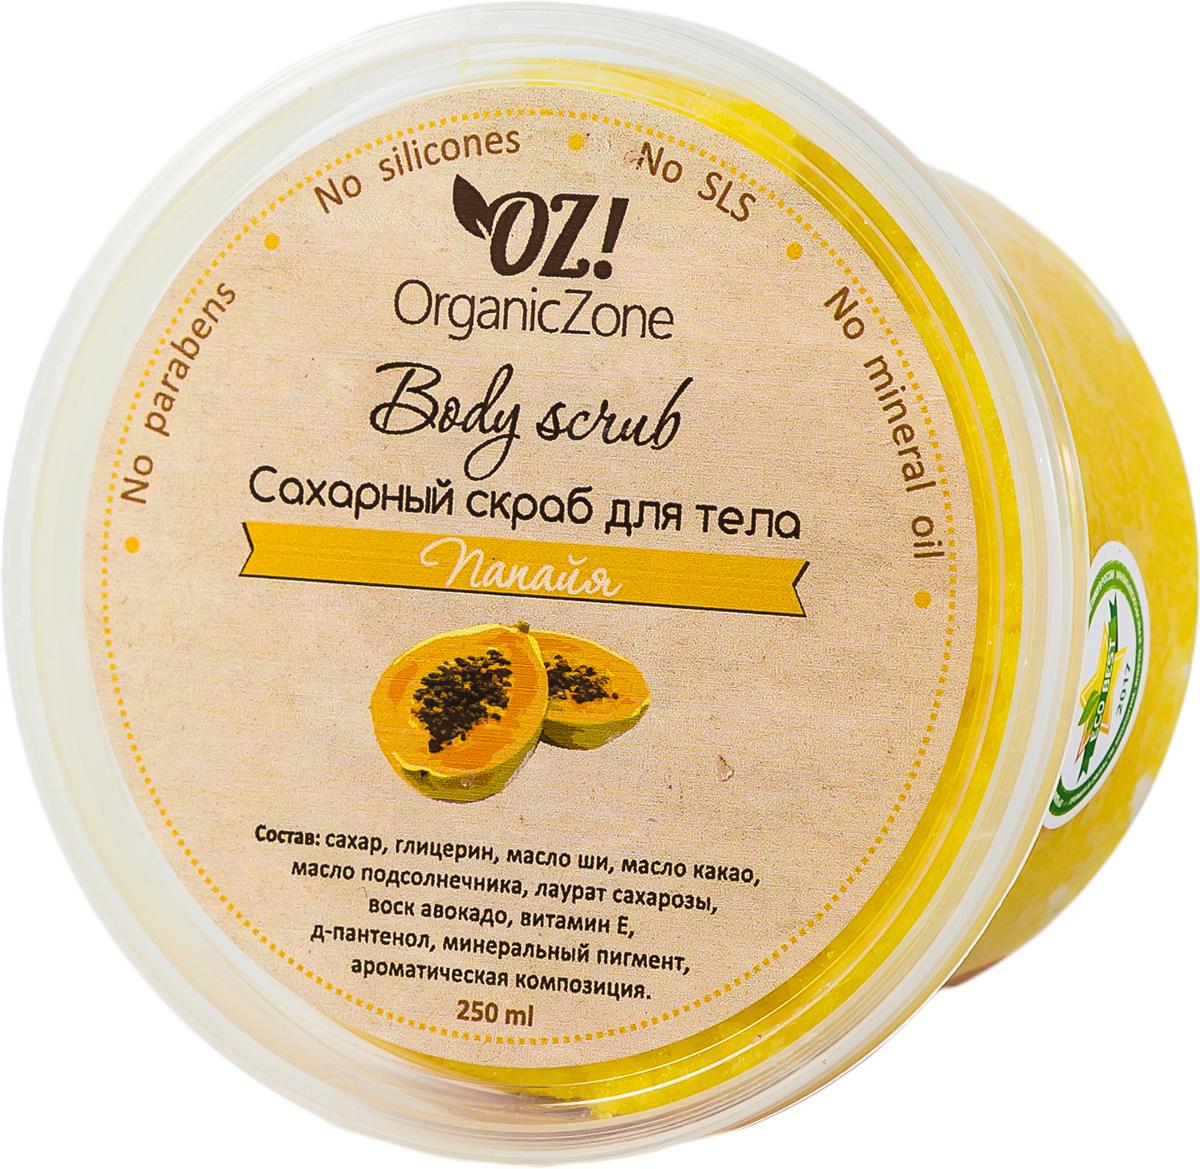 OrganicZone Сахарный скраб для тела Папайя, 250 мл дезодоранты organiczone дезодорант